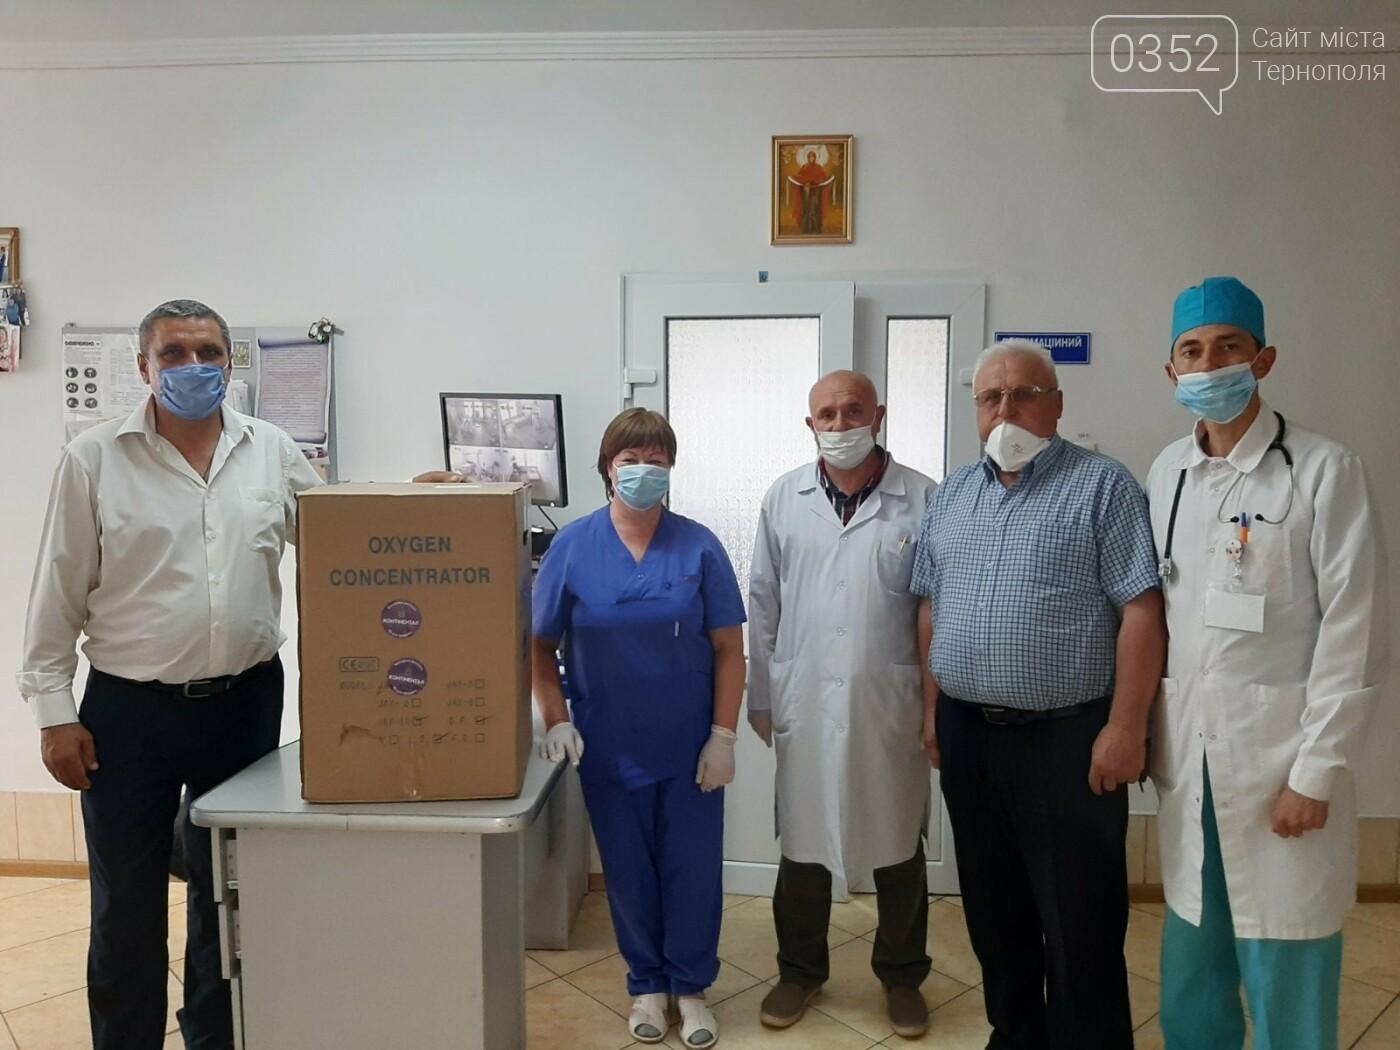 Підтримкою «Контінентал Фармерз Груп» заручилися медики п'яти областей Західної України, фото-1